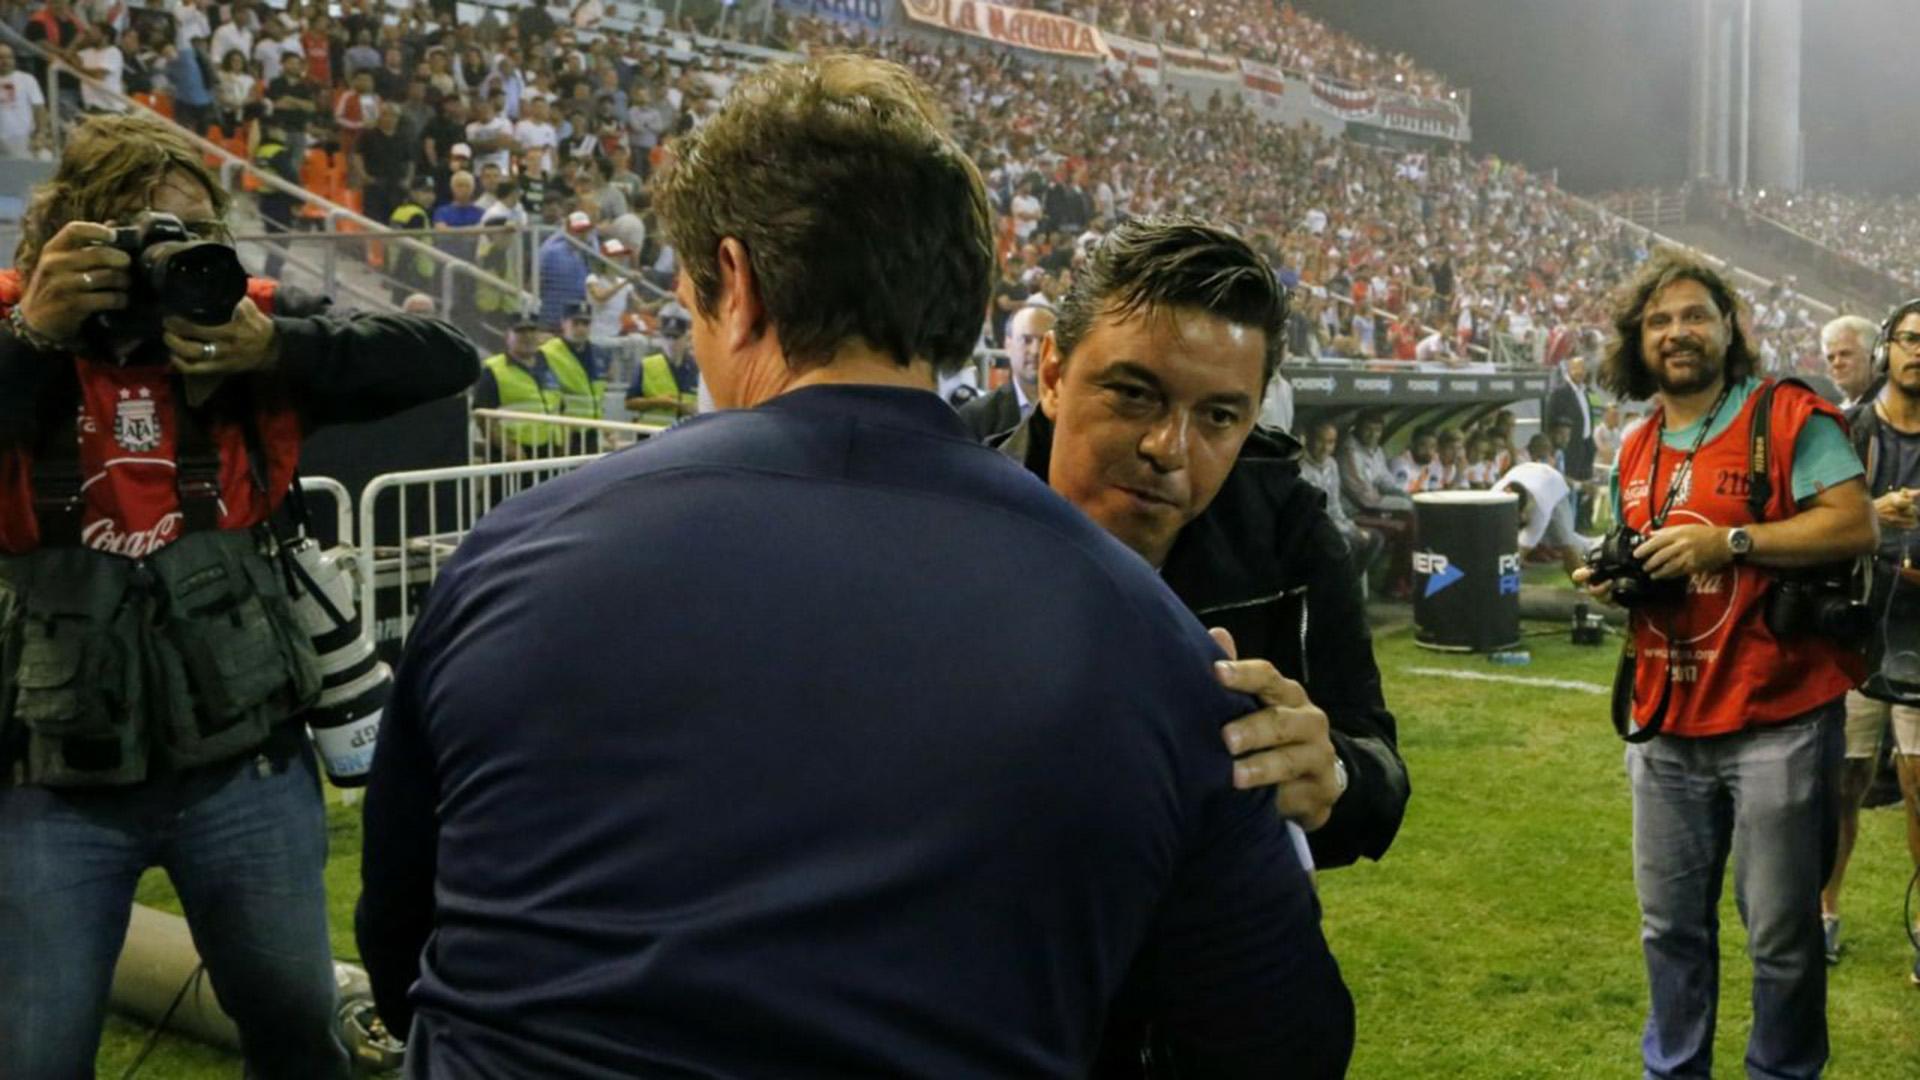 Saludo de protocolo entre Gallardo y Guillermo antes de comenzar el partido